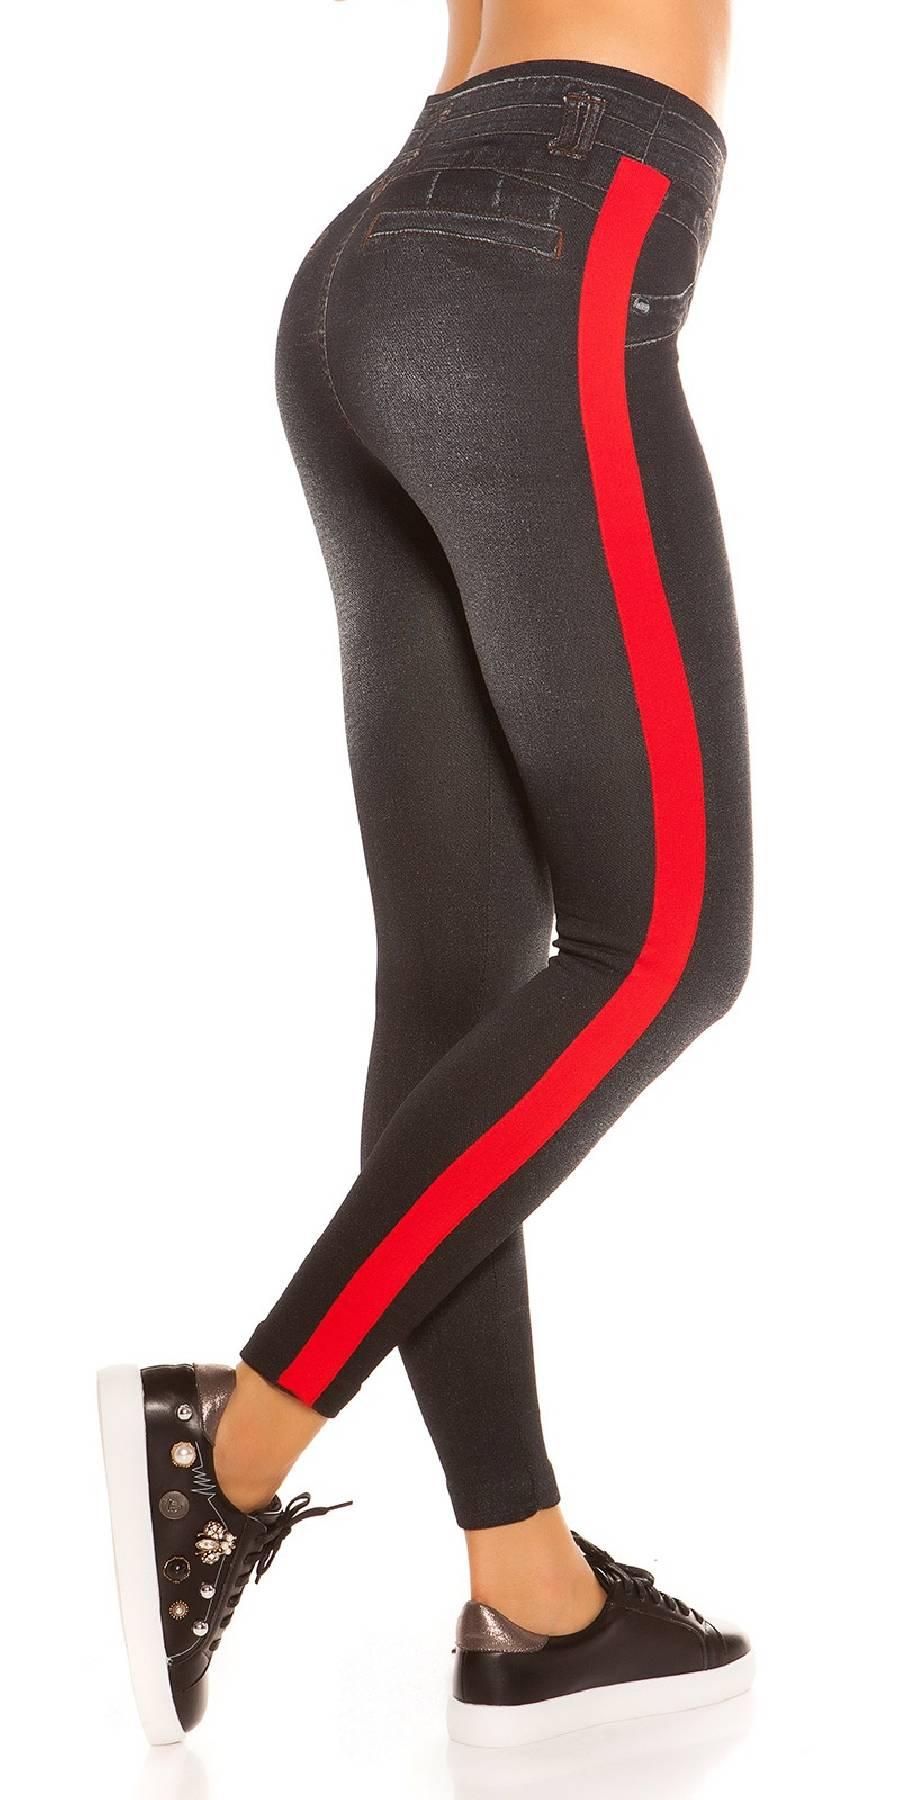 Manteau tendance fashion WENDY avec ceinture couleur rouge